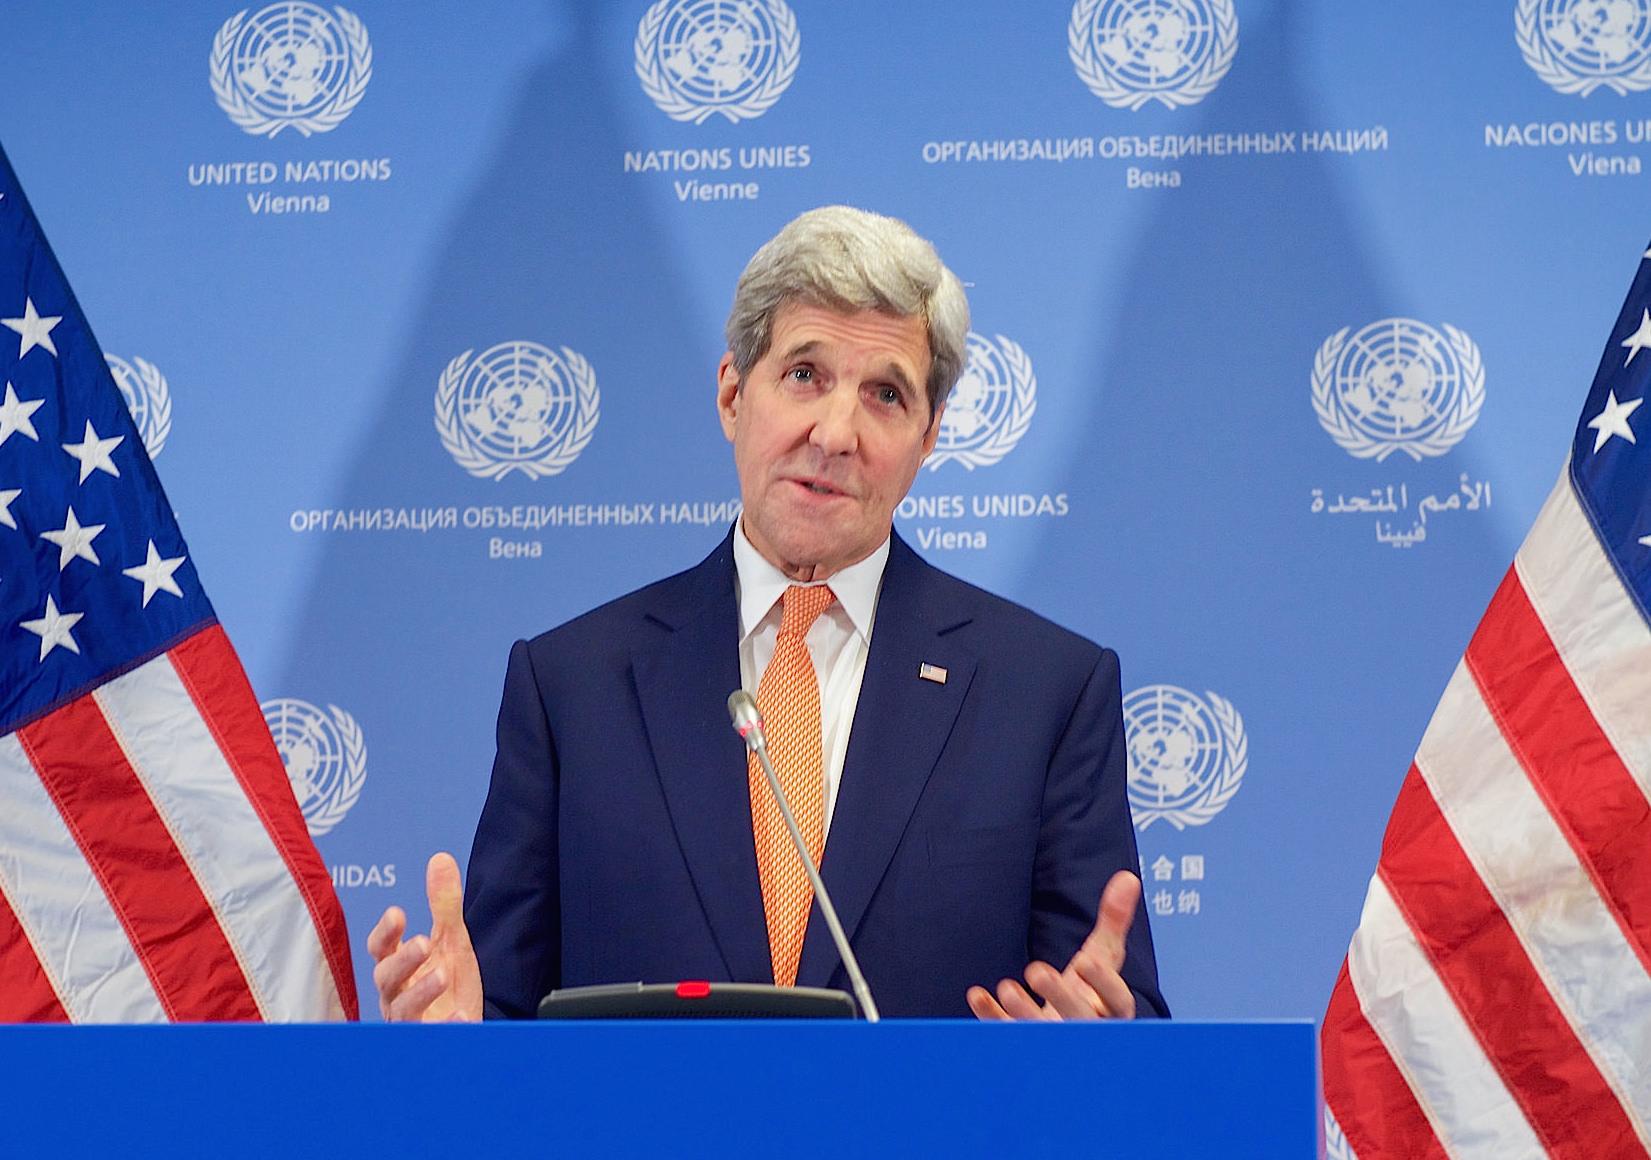 John kerry anuncia en Viena el final de las sanciones a Irán